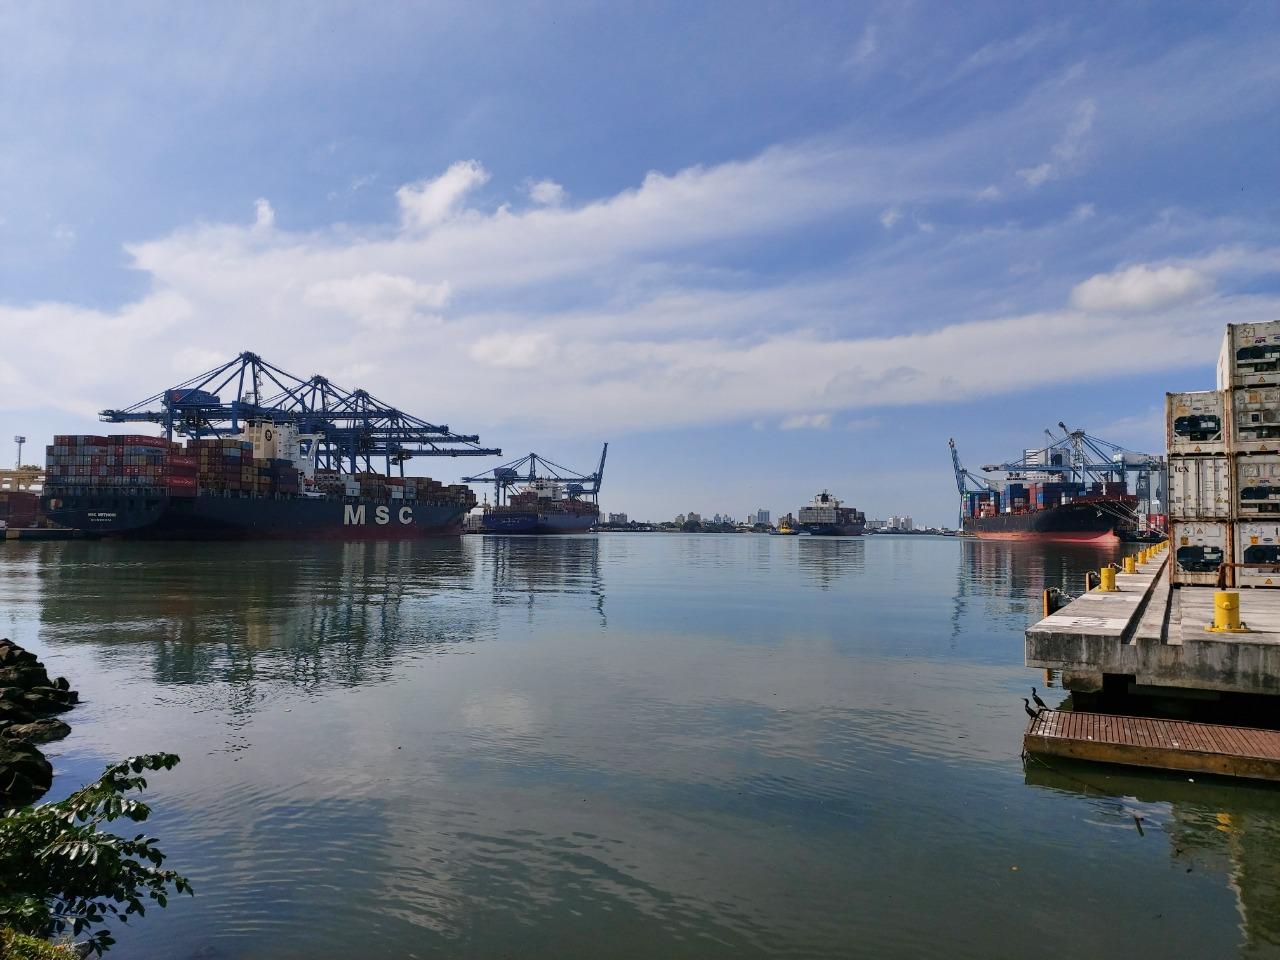 Recuperação da Economia: Complexo Portuário de Itajaí e Navegantes atingem marca histórica na movimentação de toneladas